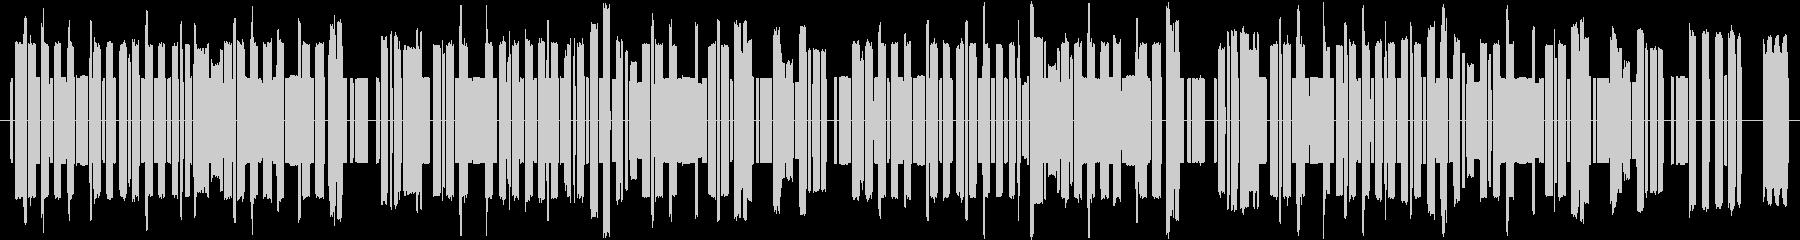 8bit風ブルースBGMの未再生の波形